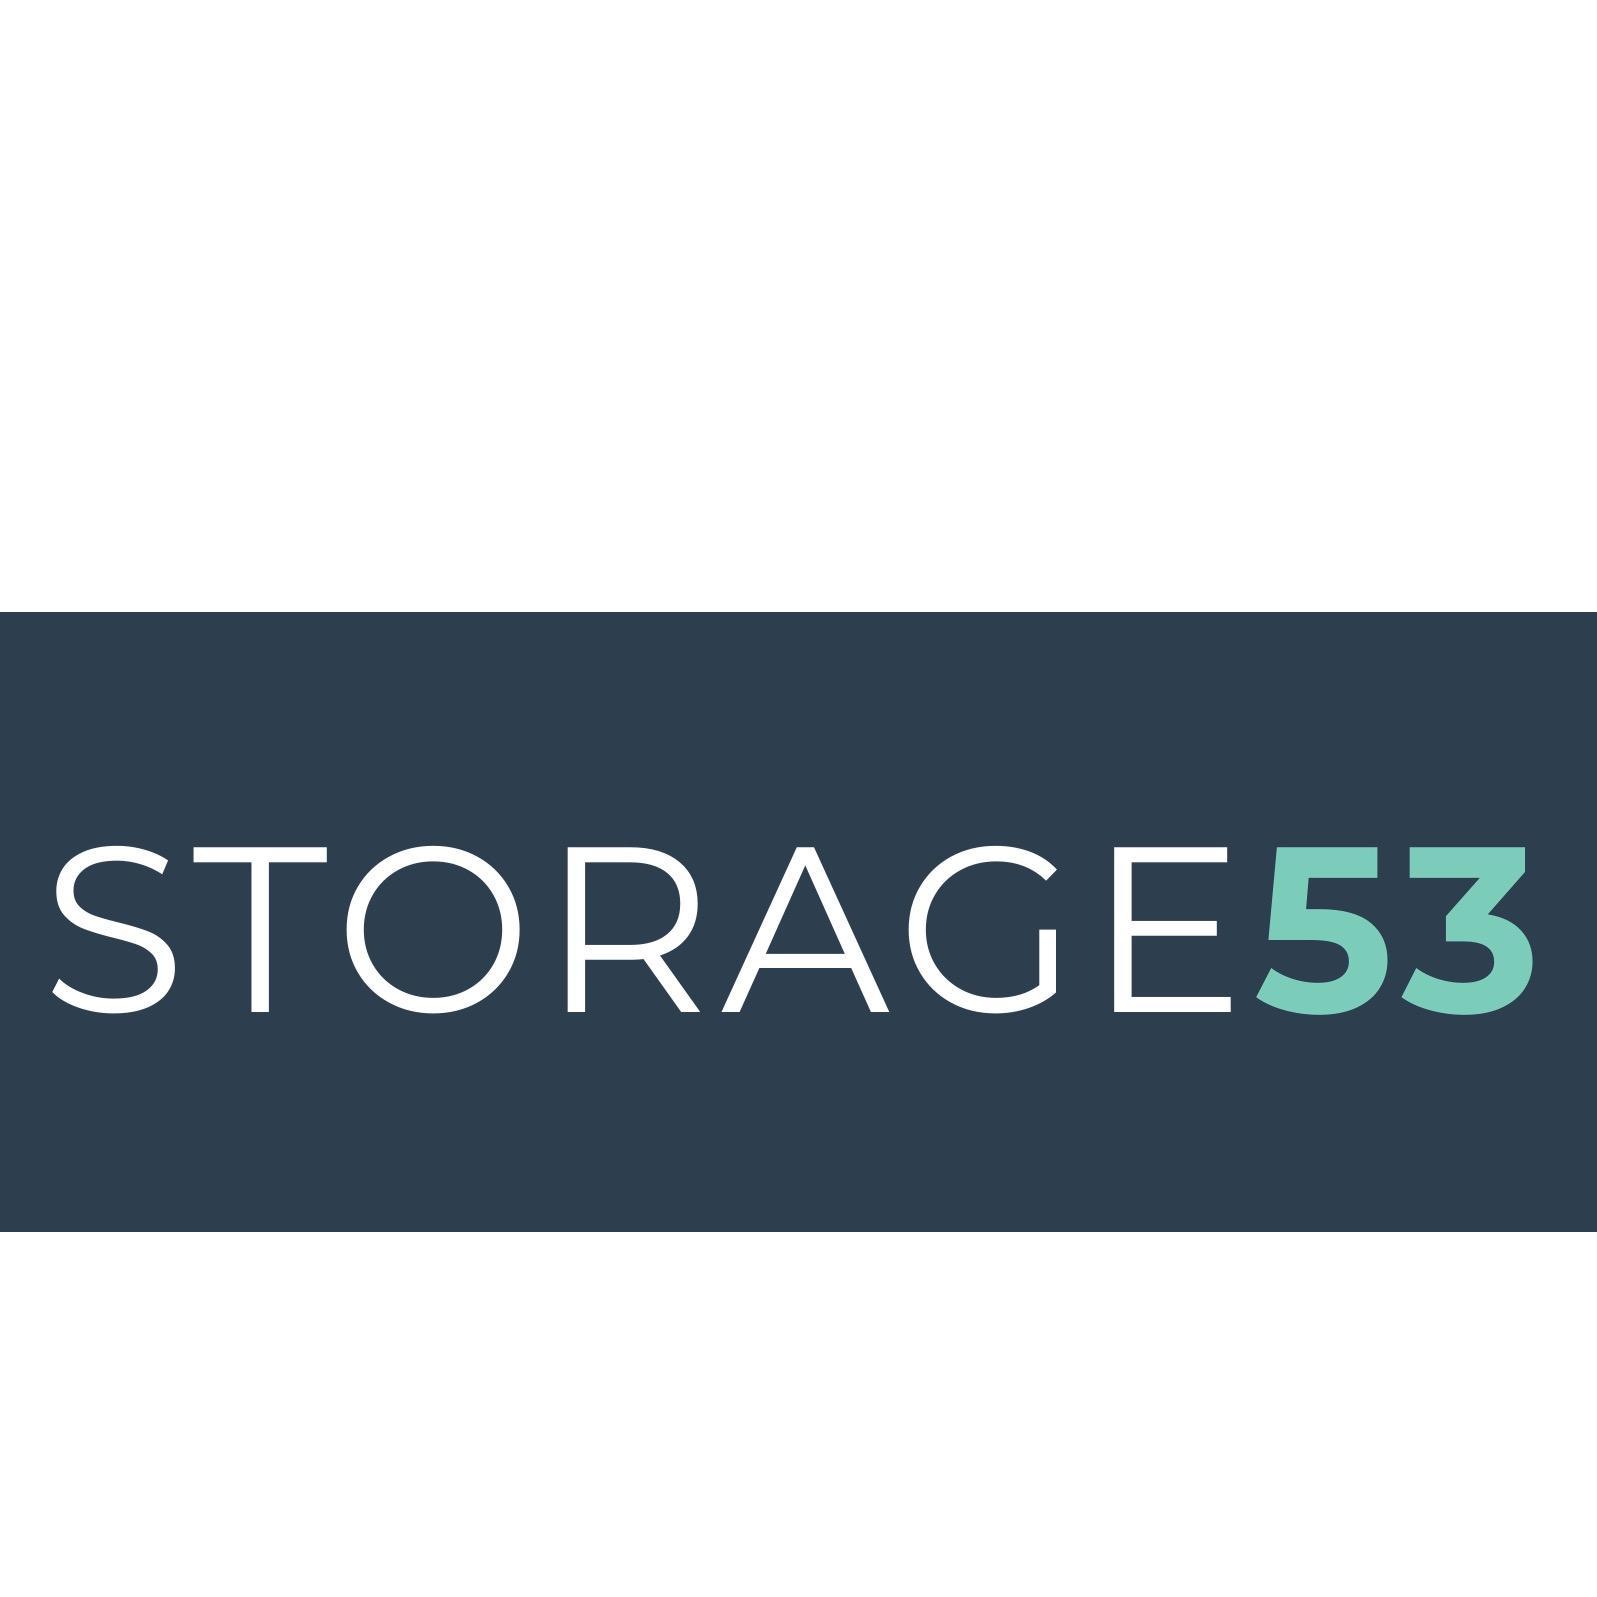 Storage 53